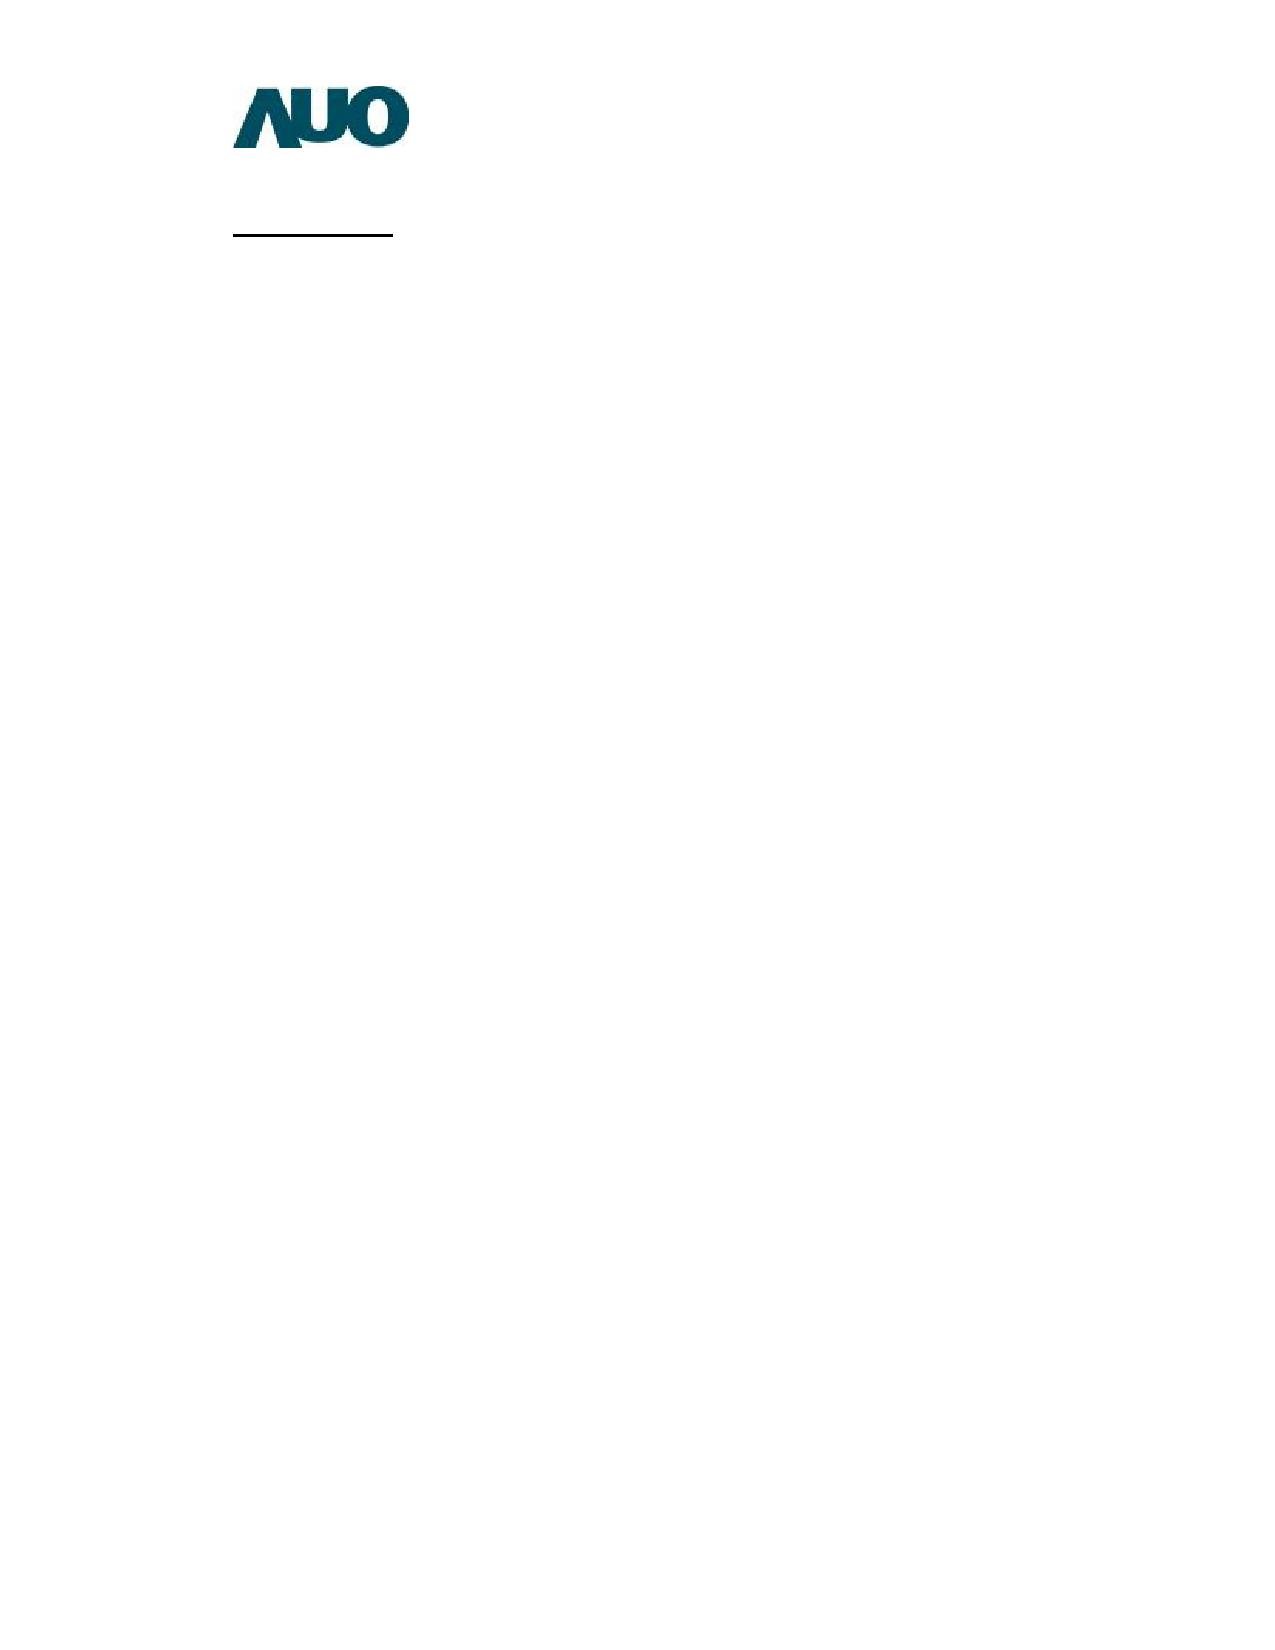 G0121SN01-V0 Даташит, Описание, Даташиты